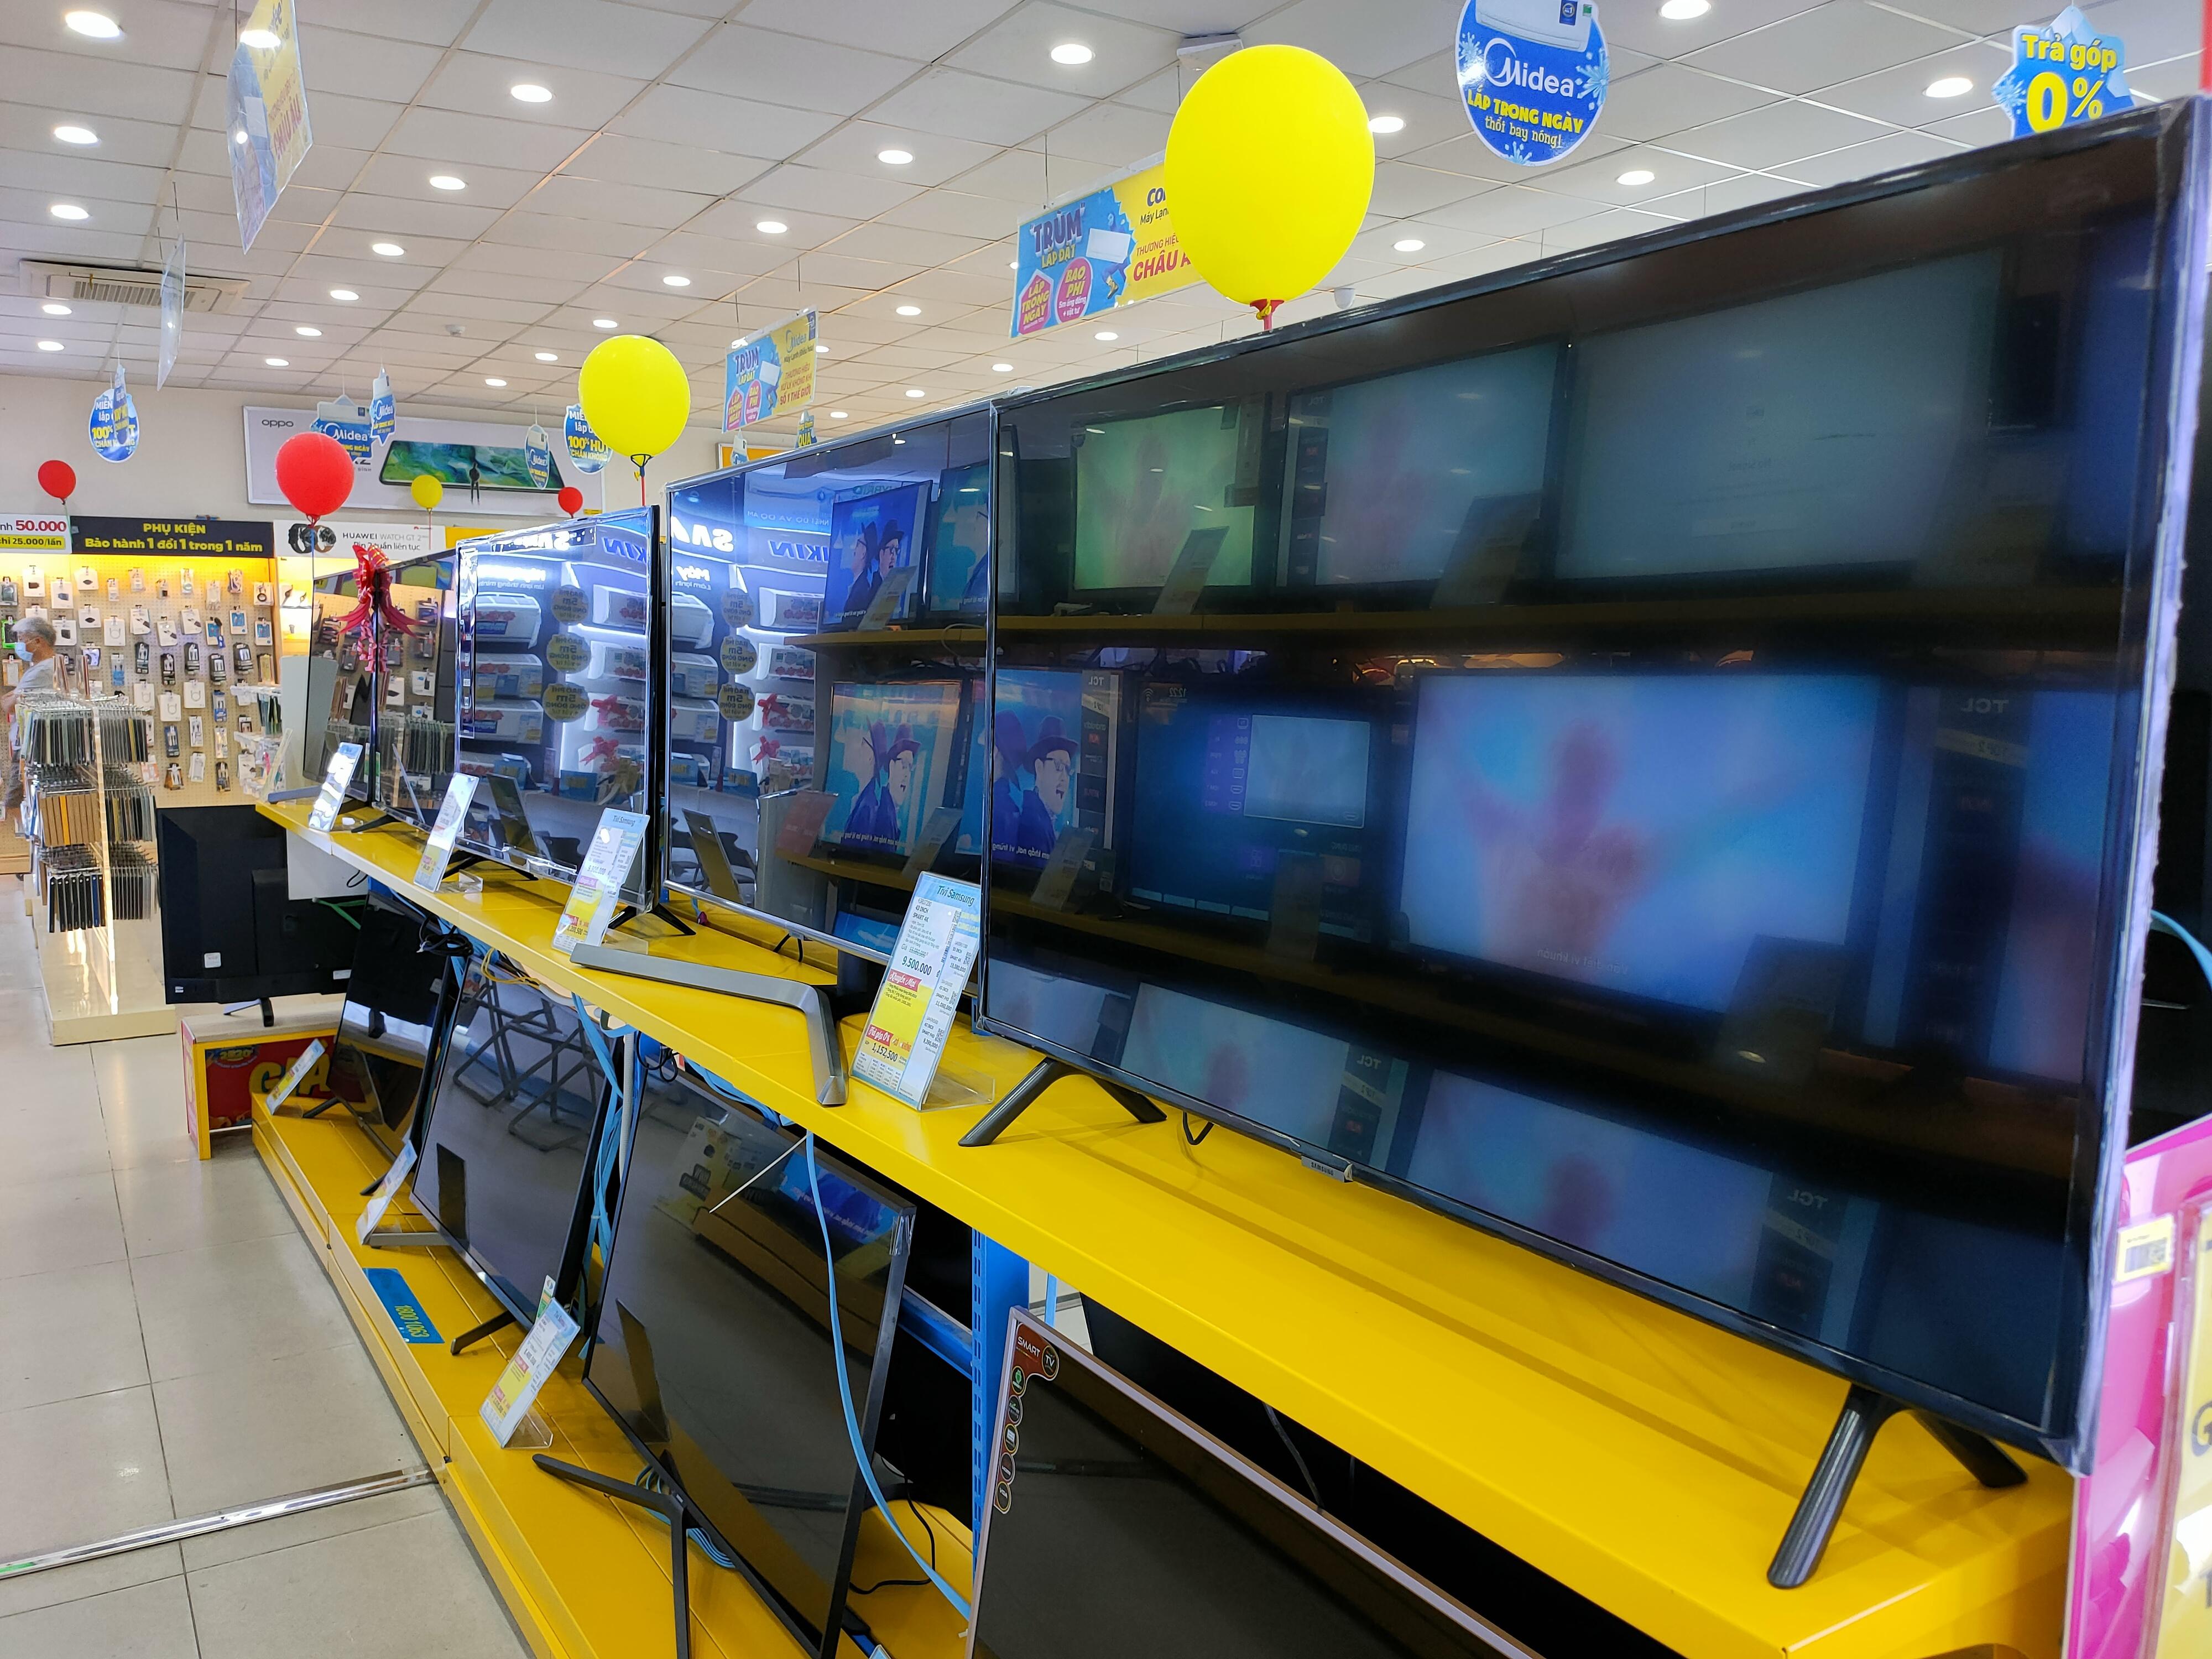 Nhiều sản phẩm tivi giảm giá sau đại dịch Covid-19 - Ảnh 2.